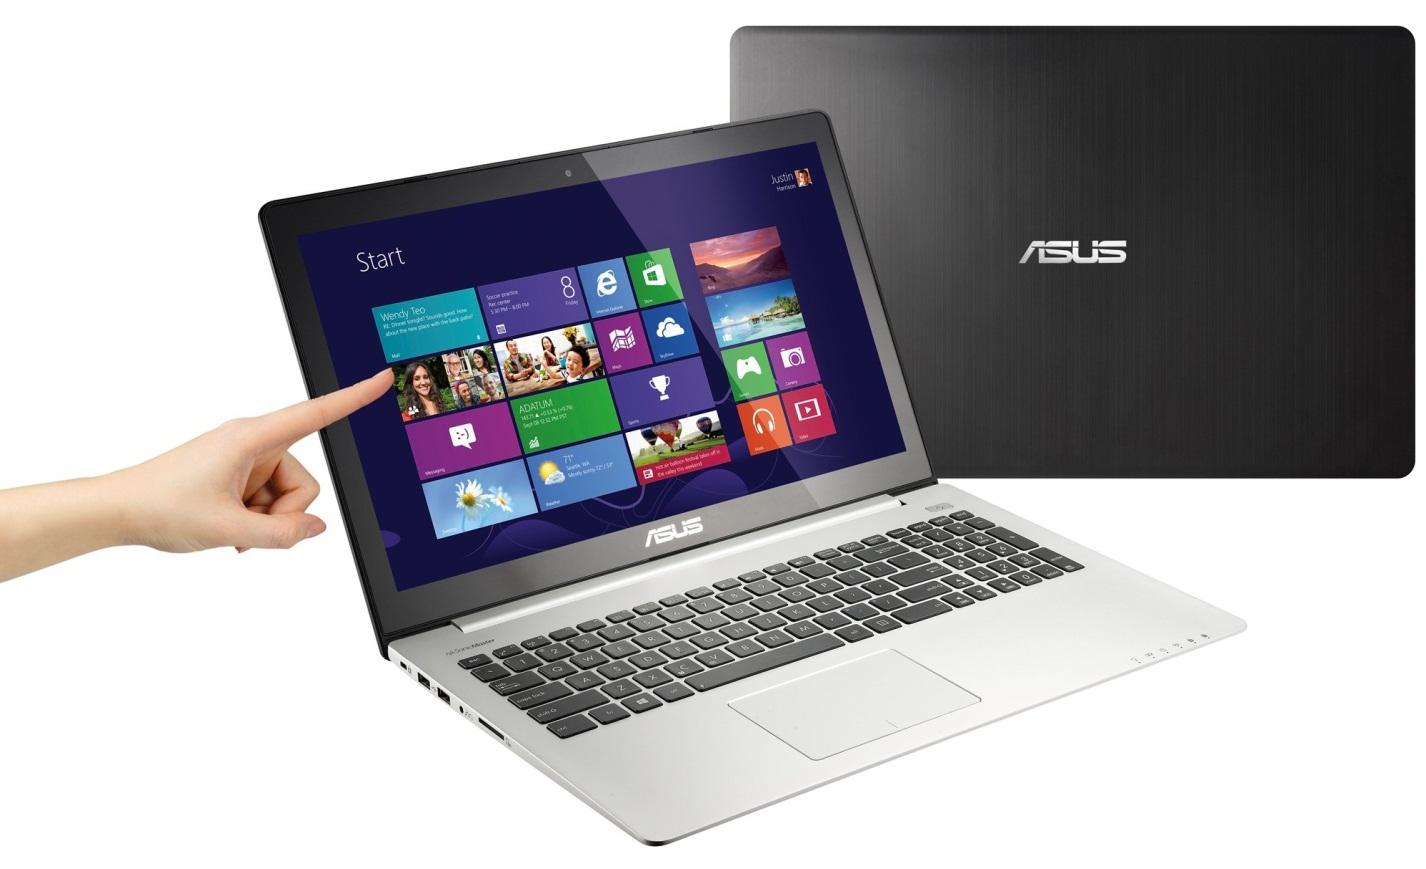 Laptop hiện nay mỏng nhẹ nhưng cấu hình mạnh mẽ